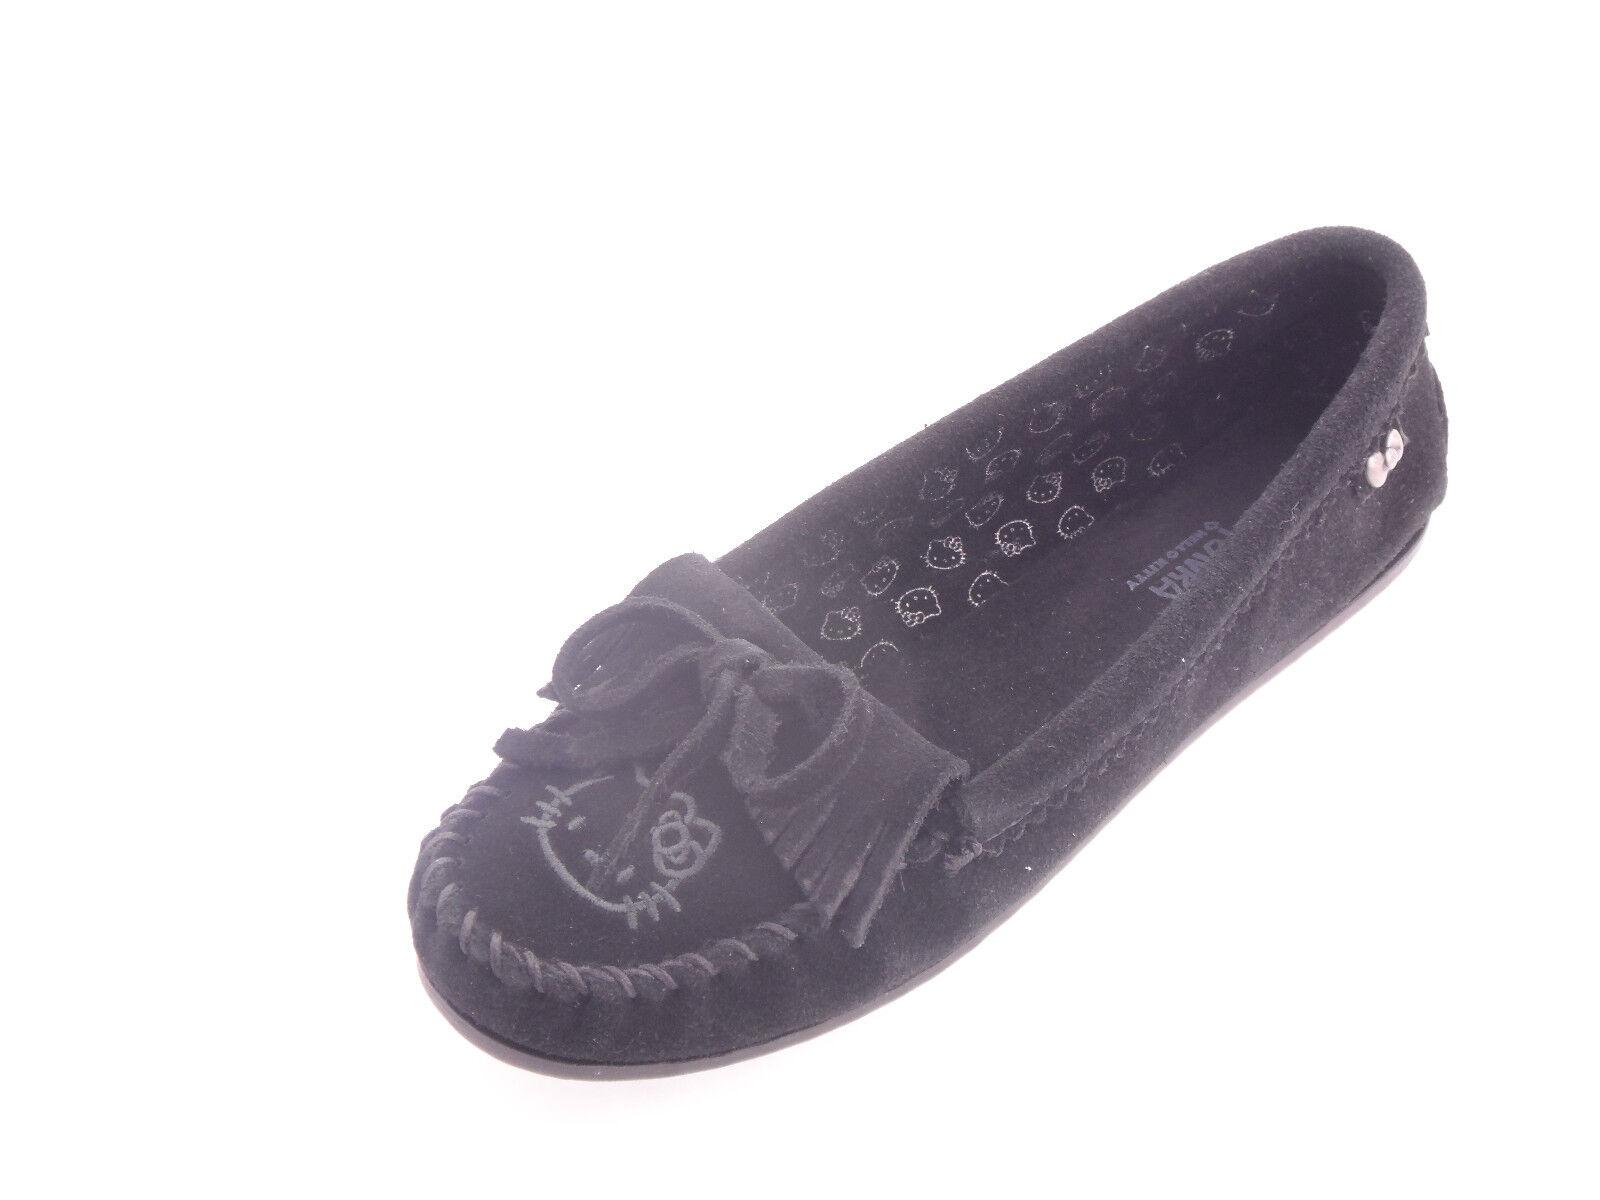 ultimi stili Minnetonka Hello Kitty Kilty  Suede Donna  scarpe scarpe scarpe nero 9M  nelle promozioni dello stadio